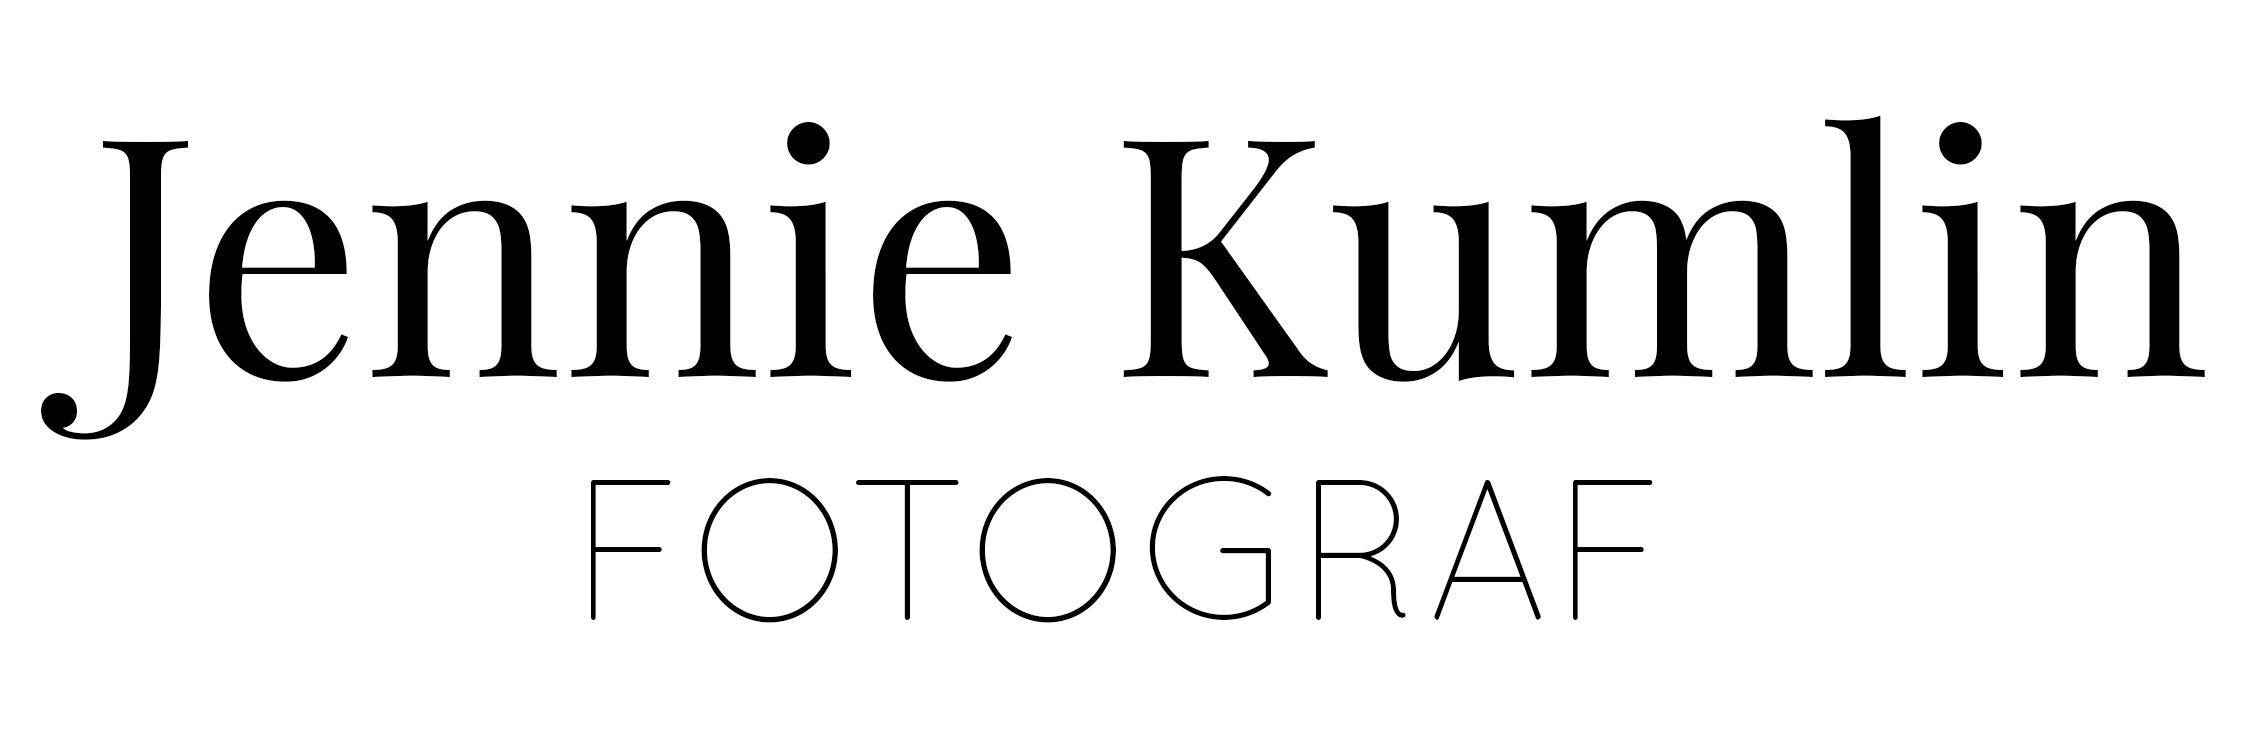 Jennie Kumlin Fotograf